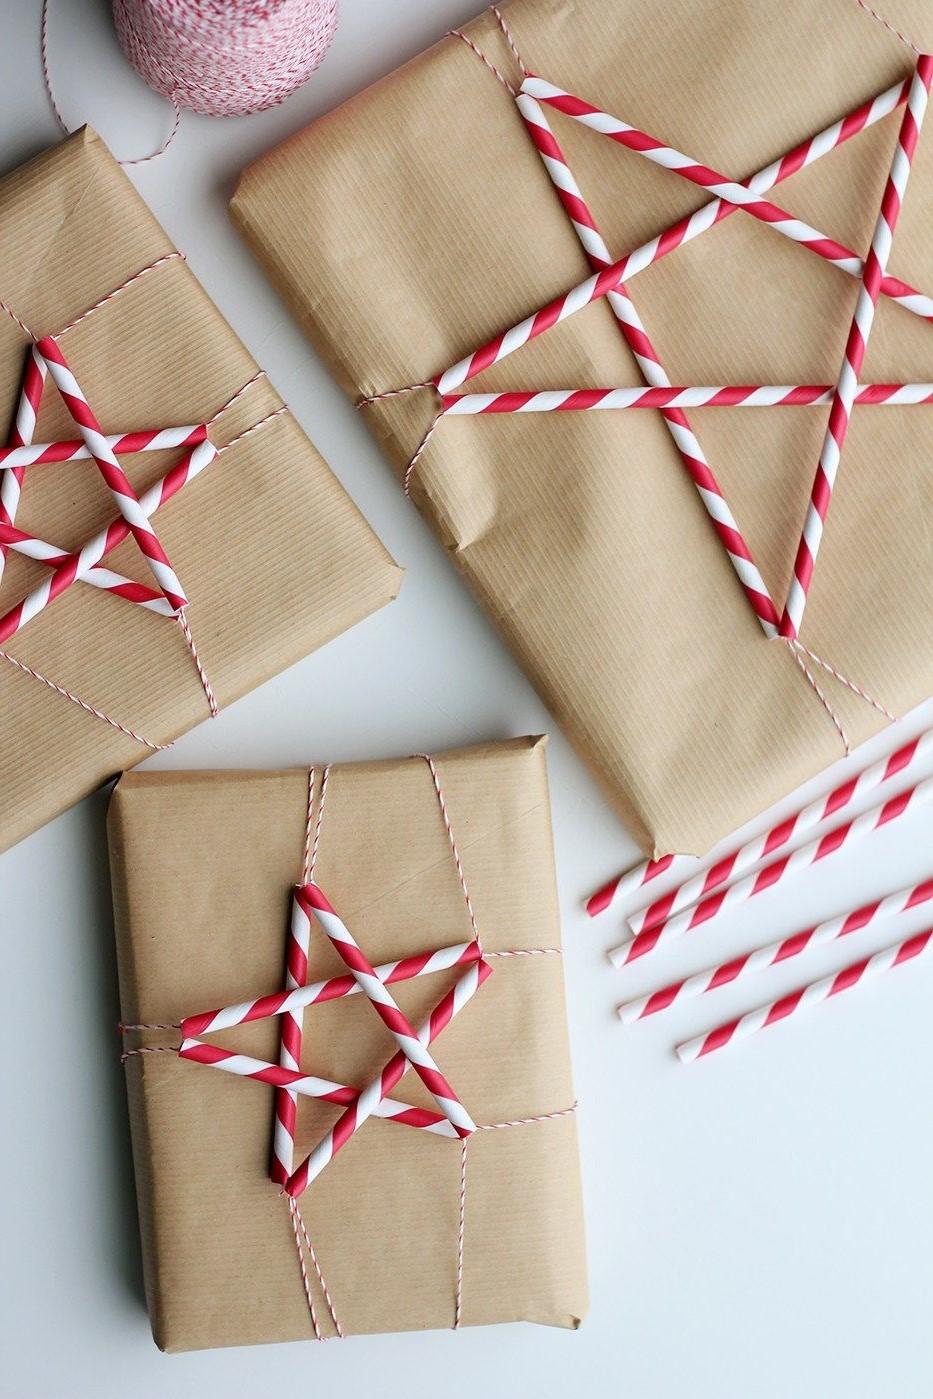 Décorez le paquet cadeau avec ces étoiles faciles: coupez les pailles en morceaux égaux, connectez-les avec de la ficelle ou collez-les simplement sur le papier d'emballage.